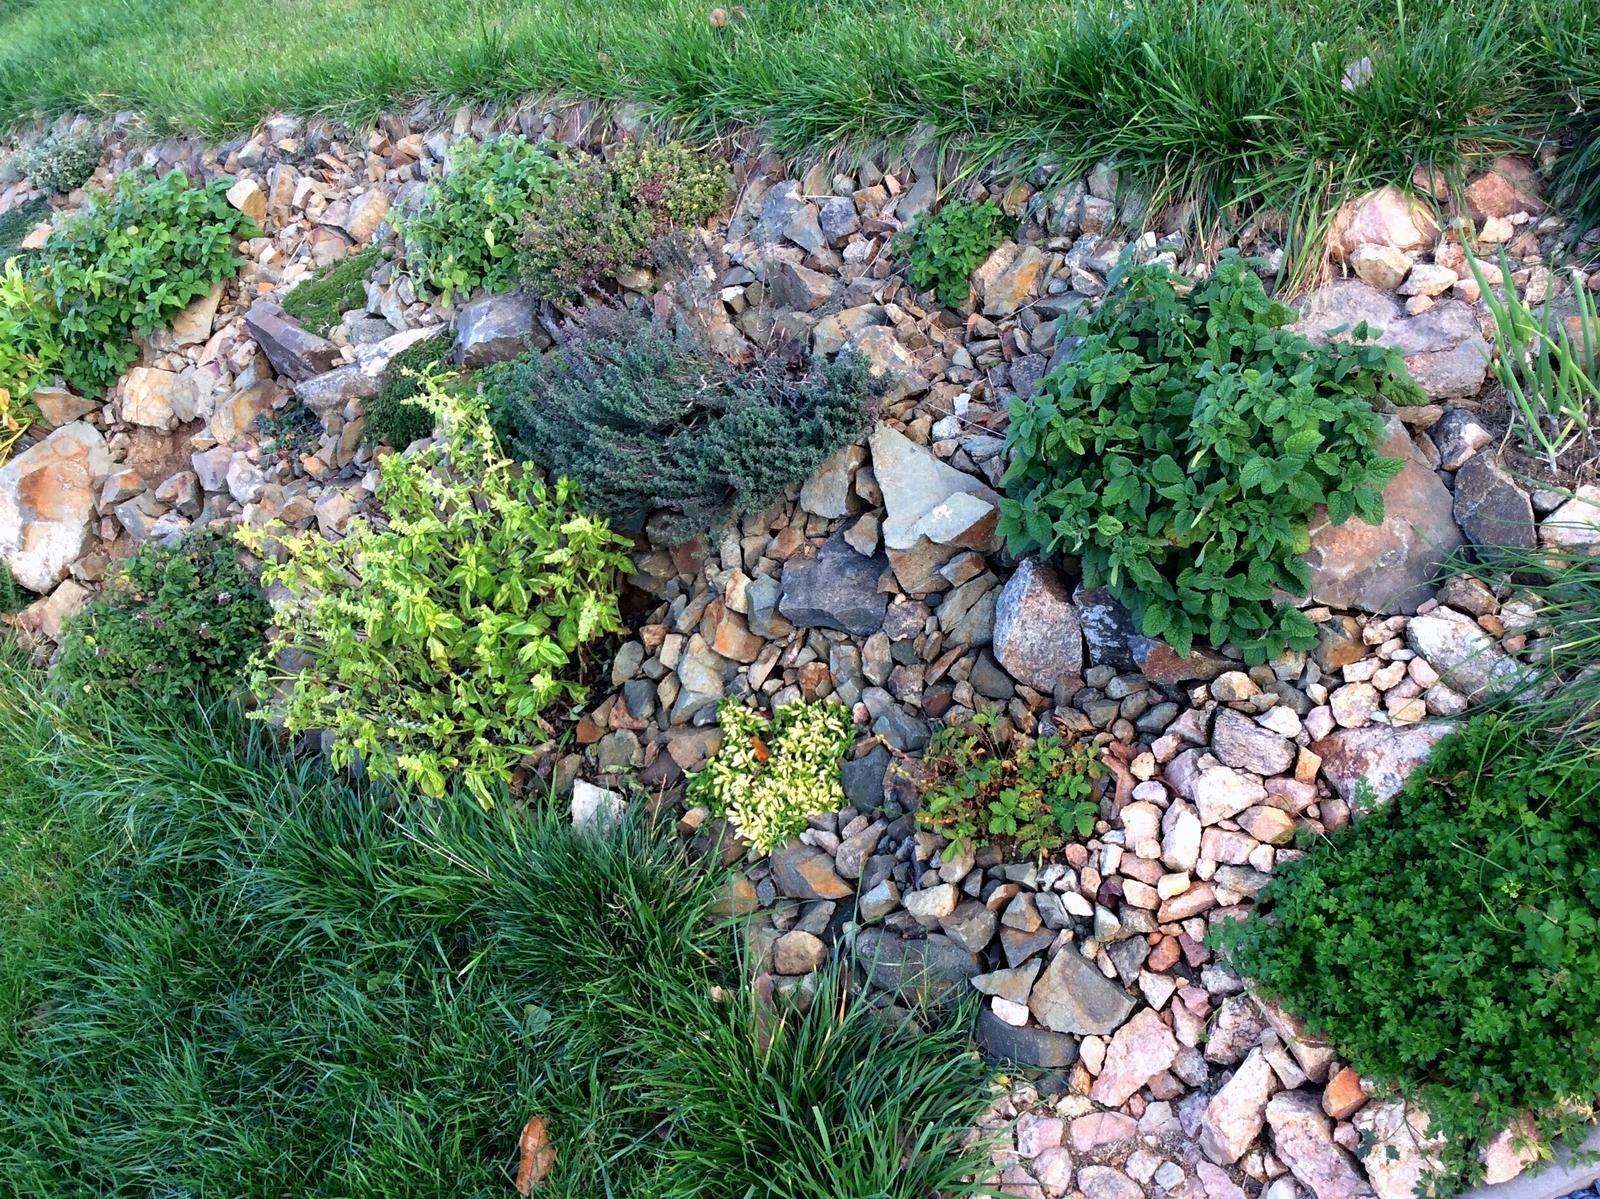 Skřítčí zahrada 2015 - 2020 - Listopad 2018 - bylinková skalka je přibližně ze 2/3 hotová, rozmarýn je už od září přenesený dovnitř domu